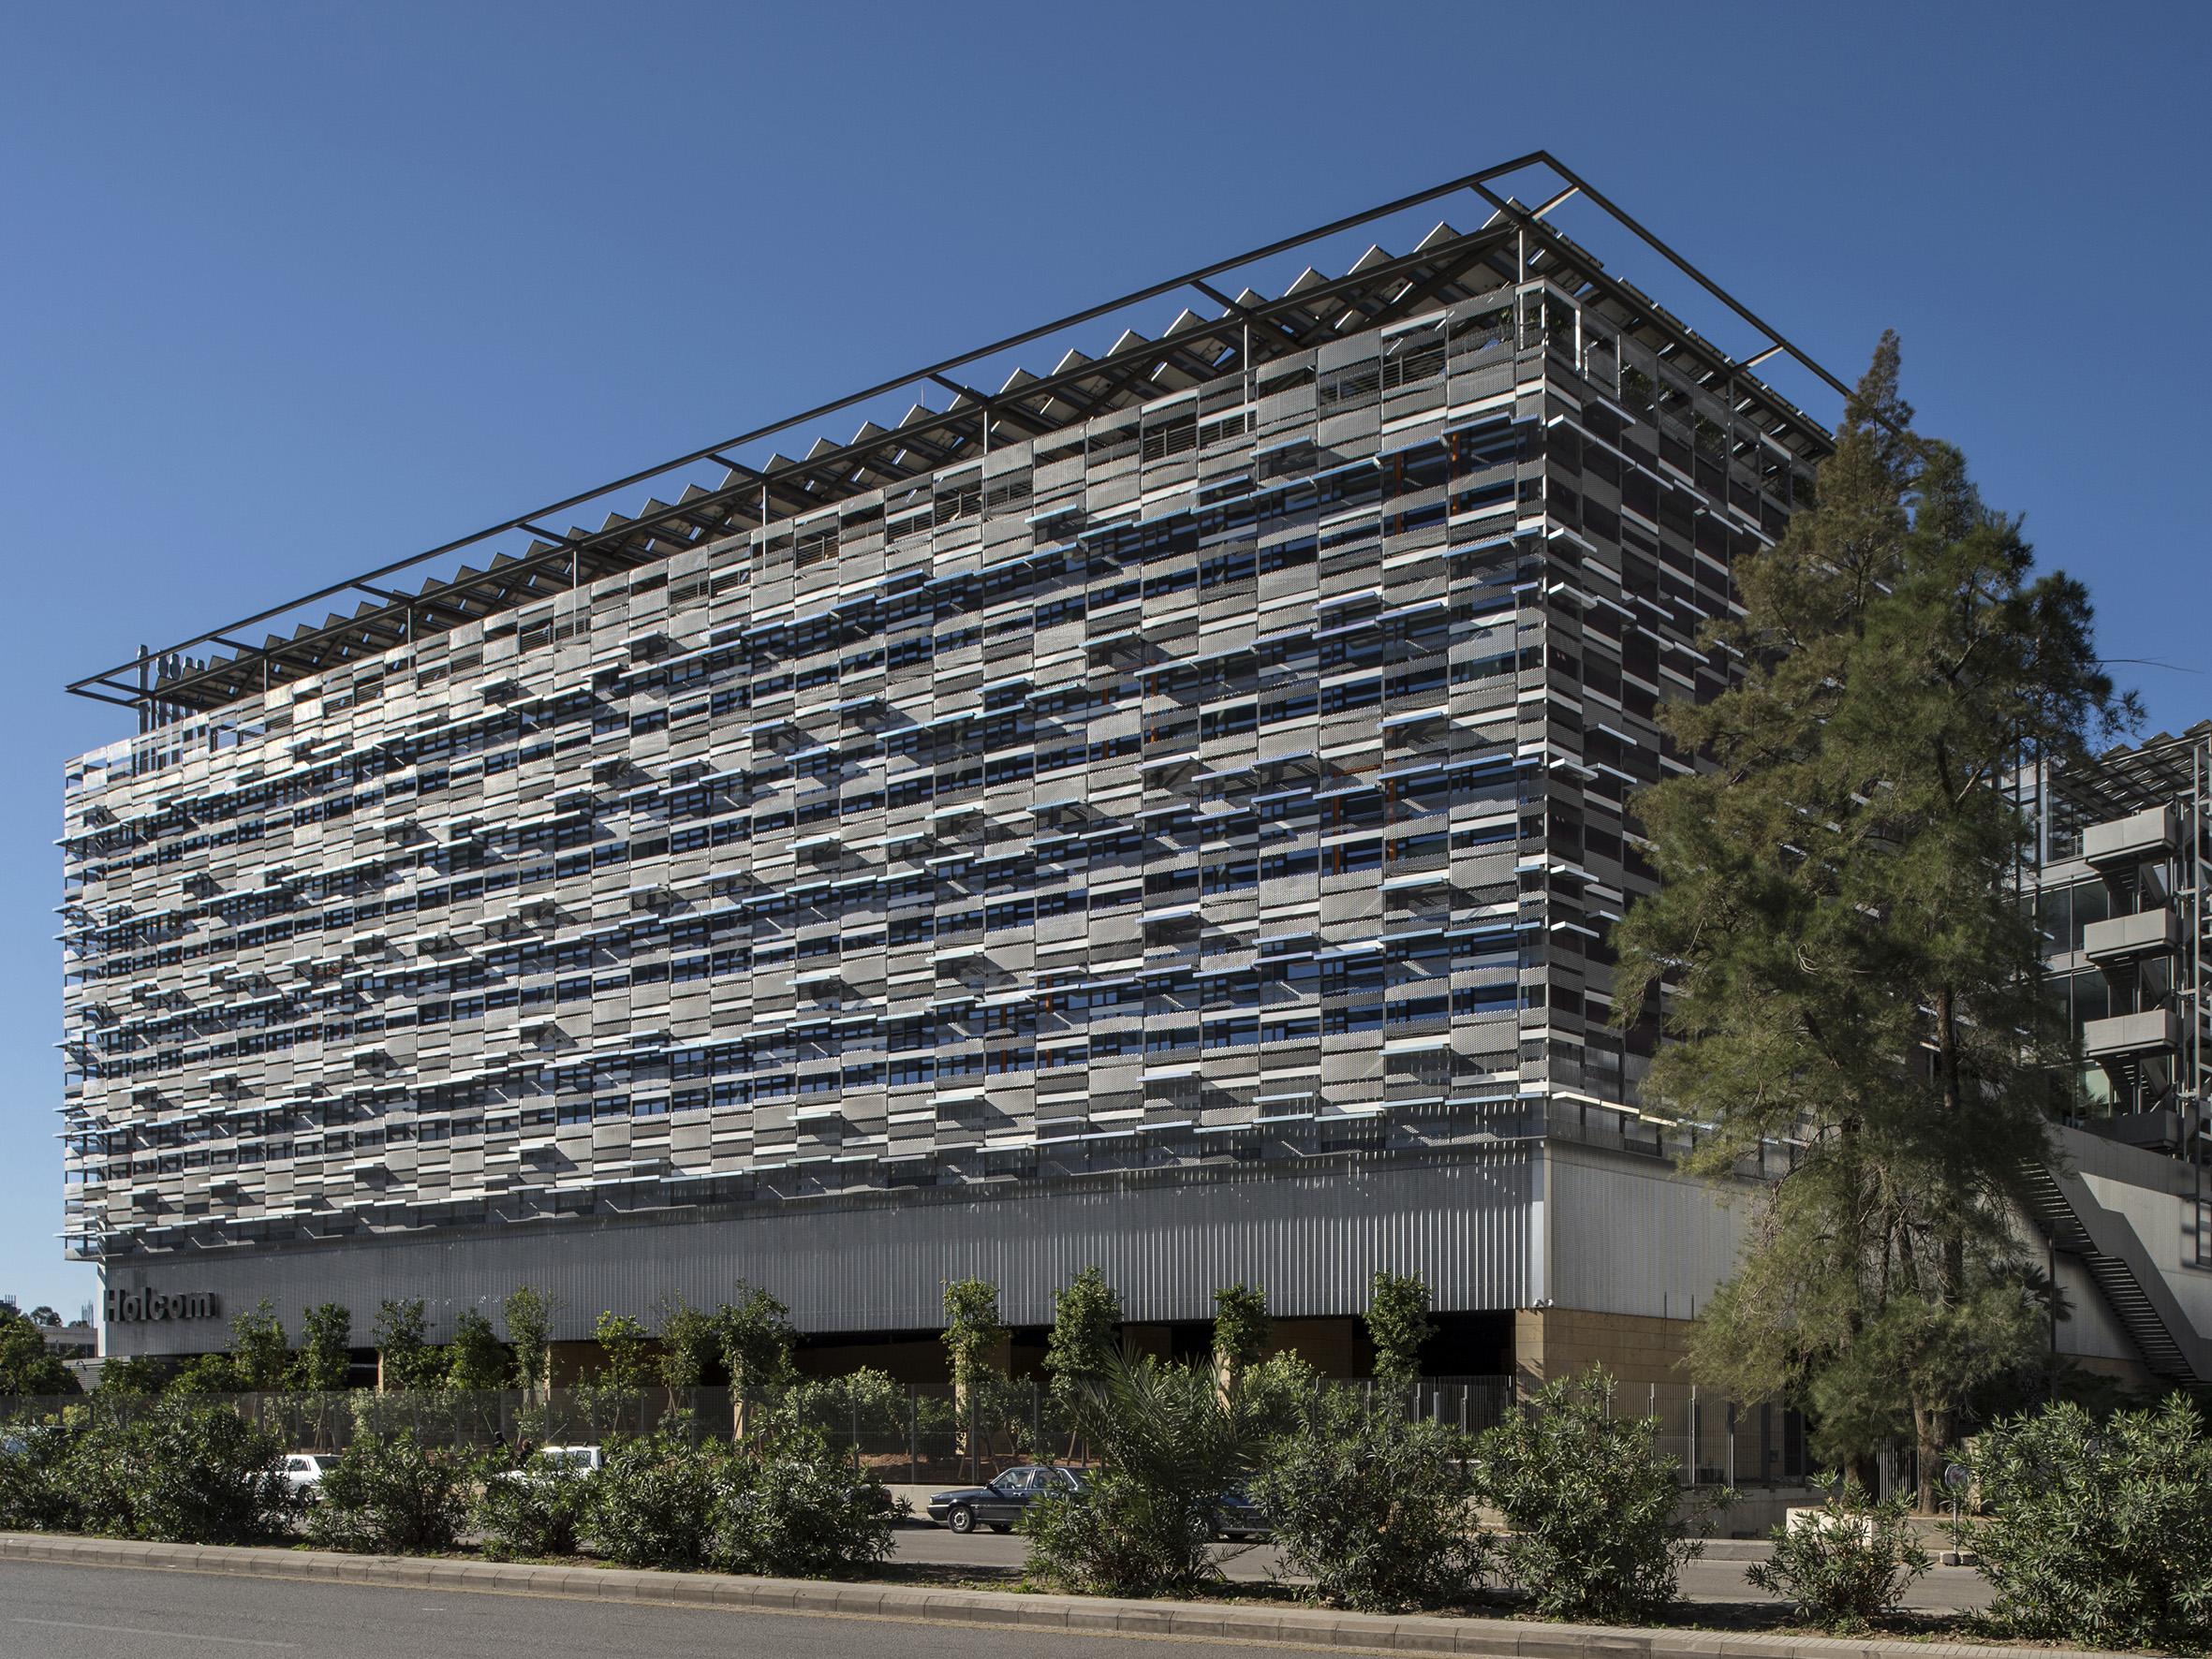 Architetti Famosi Lecce i migliori studi di architettura 2019 in italia | buildingcue